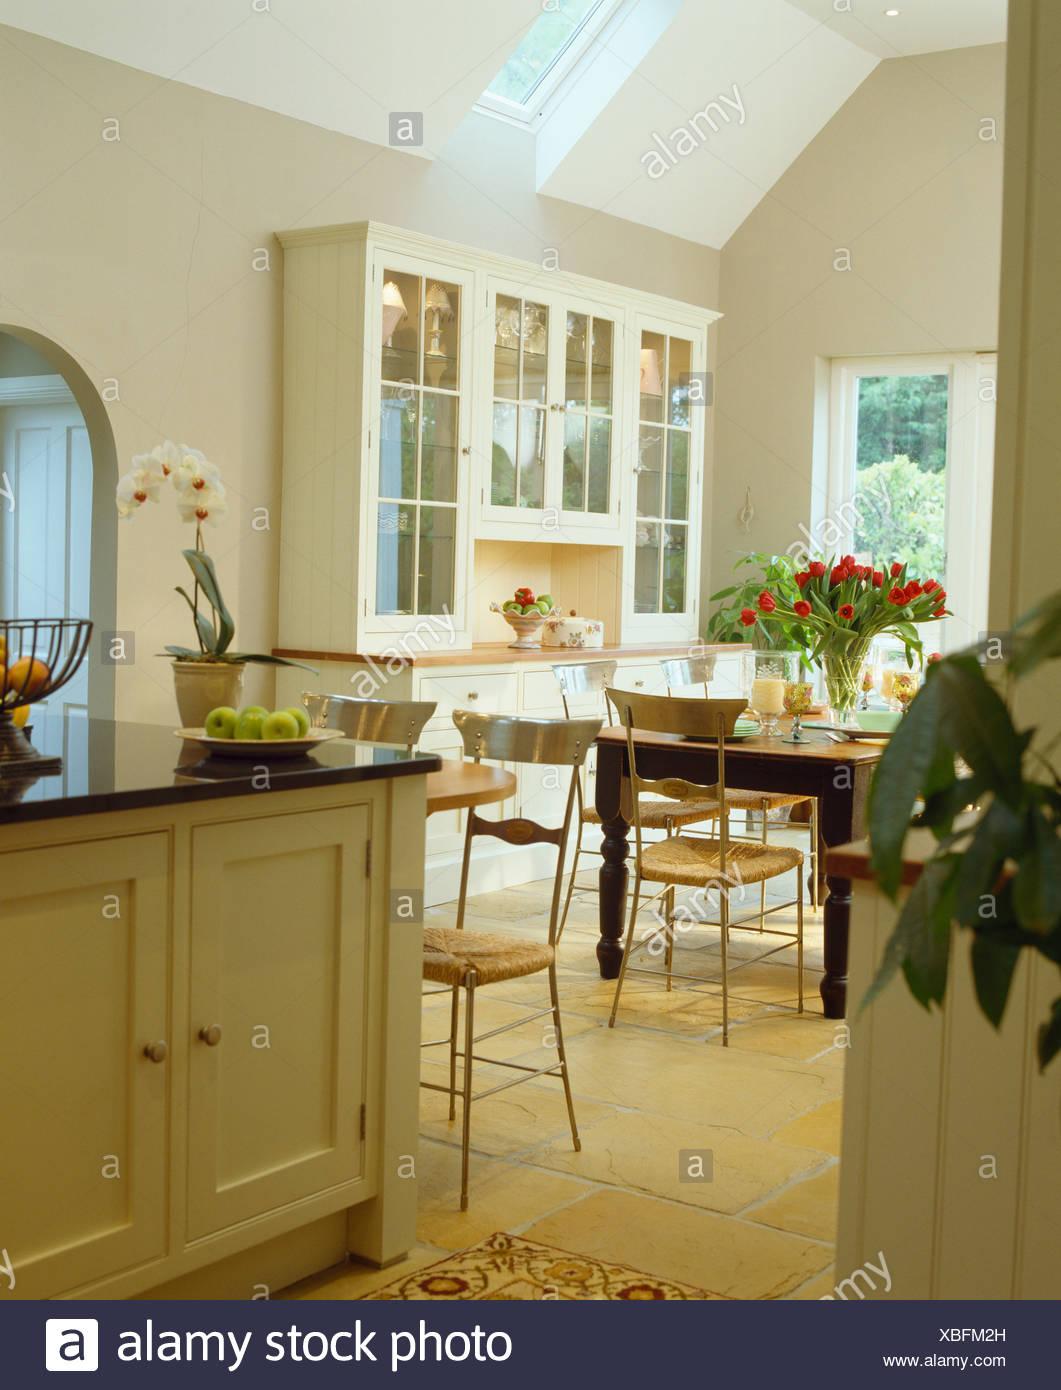 Unit Kitchen Kitchens Domestic Stockfotos & Unit Kitchen Kitchens ...